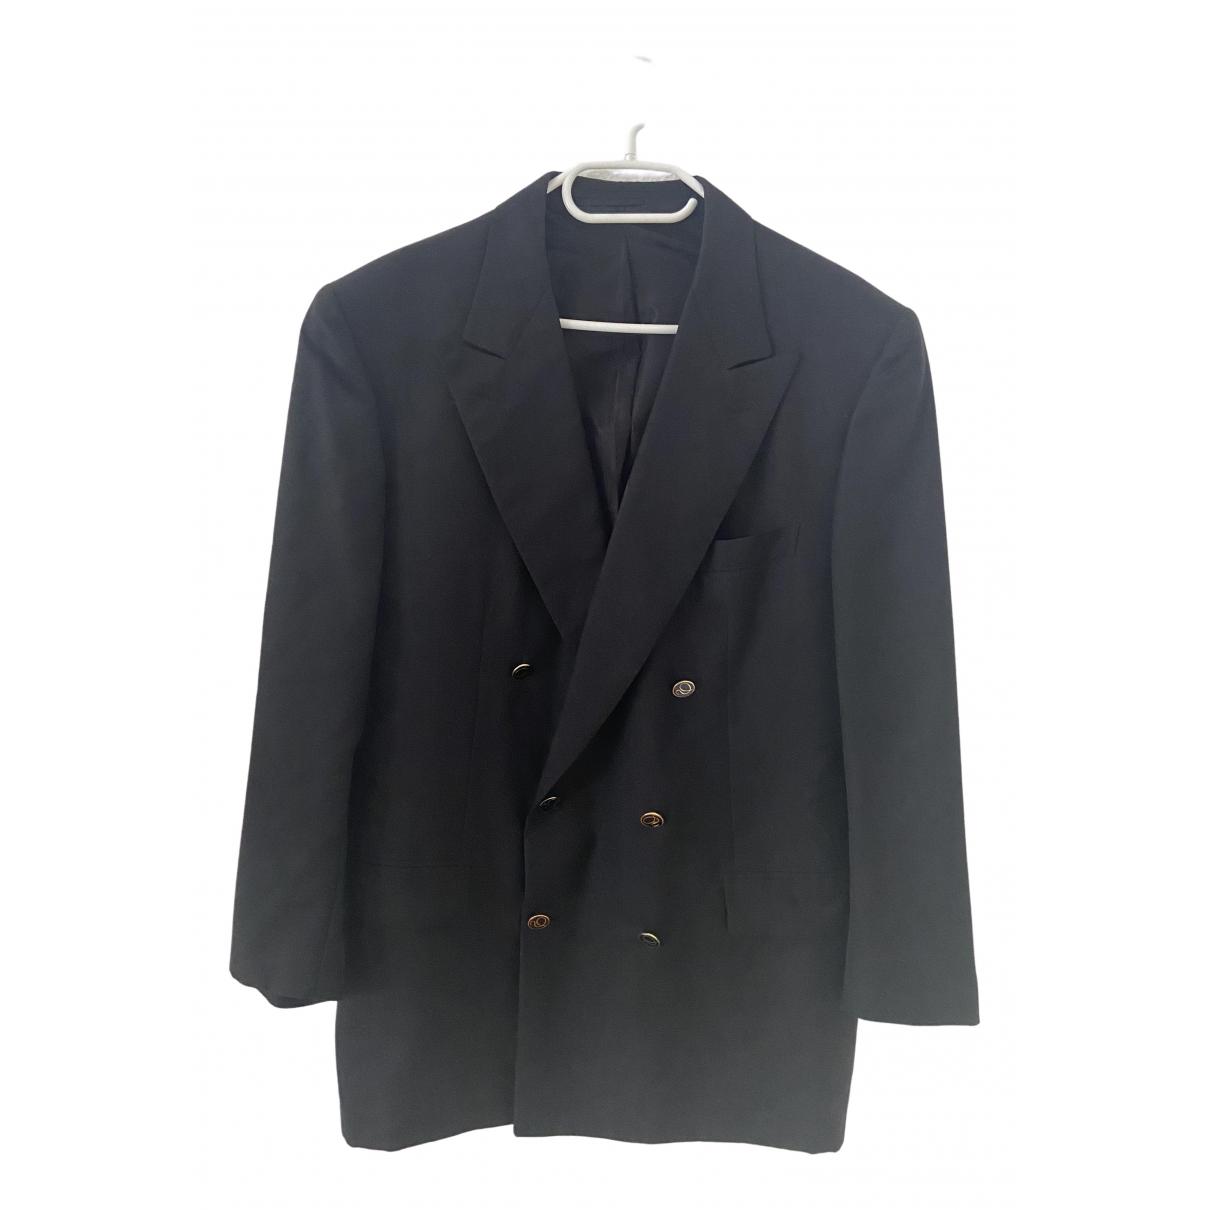 Brioni - Costumes   pour homme en laine - gris